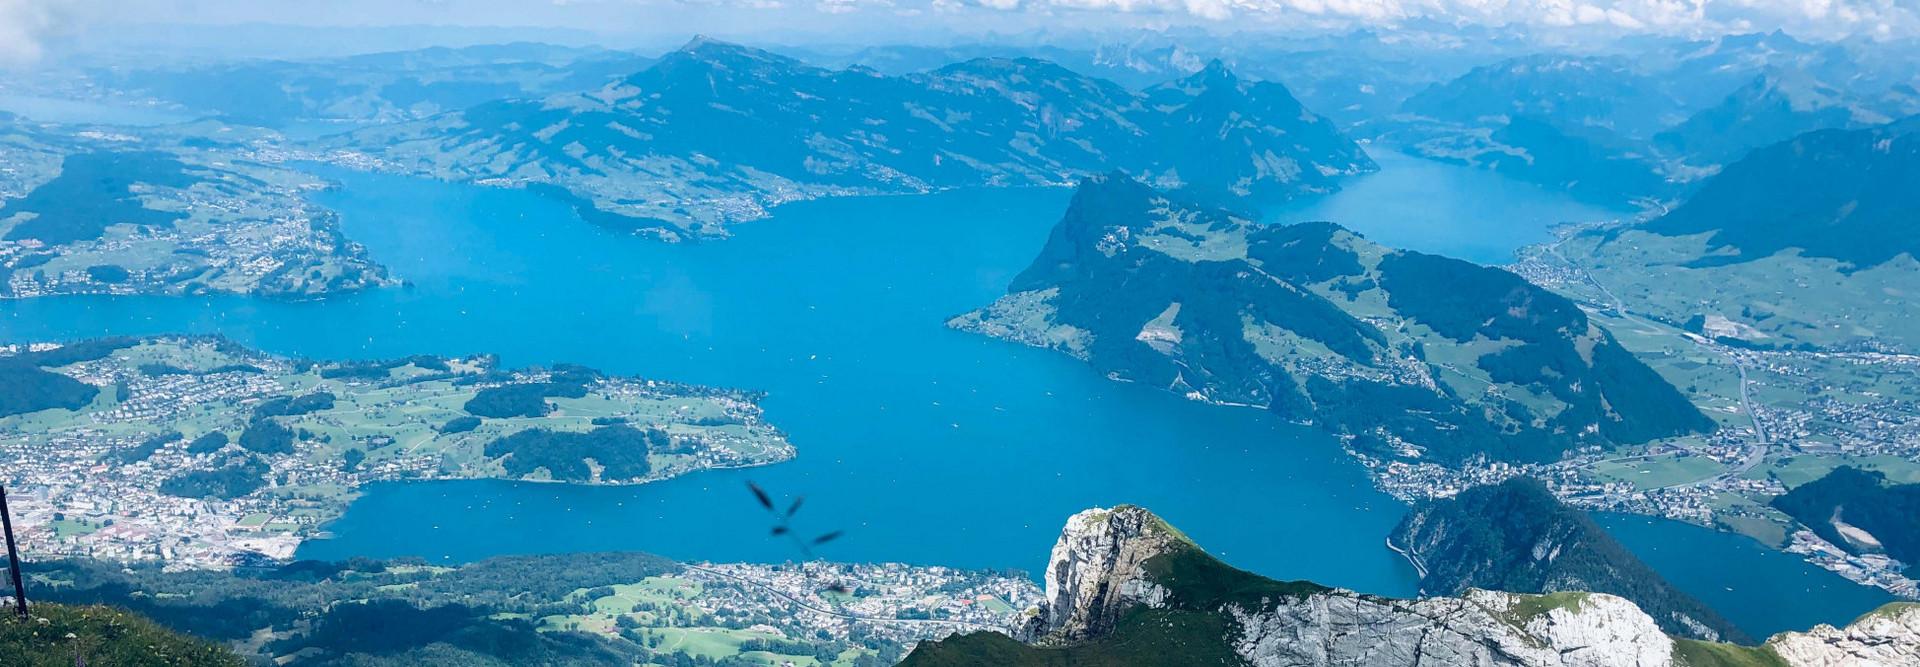 Im Vordergrund die letzten Bergspitzen vom Pilatus, im Hintergrund der Vierwaldstättersee mit Blick auf Luzern